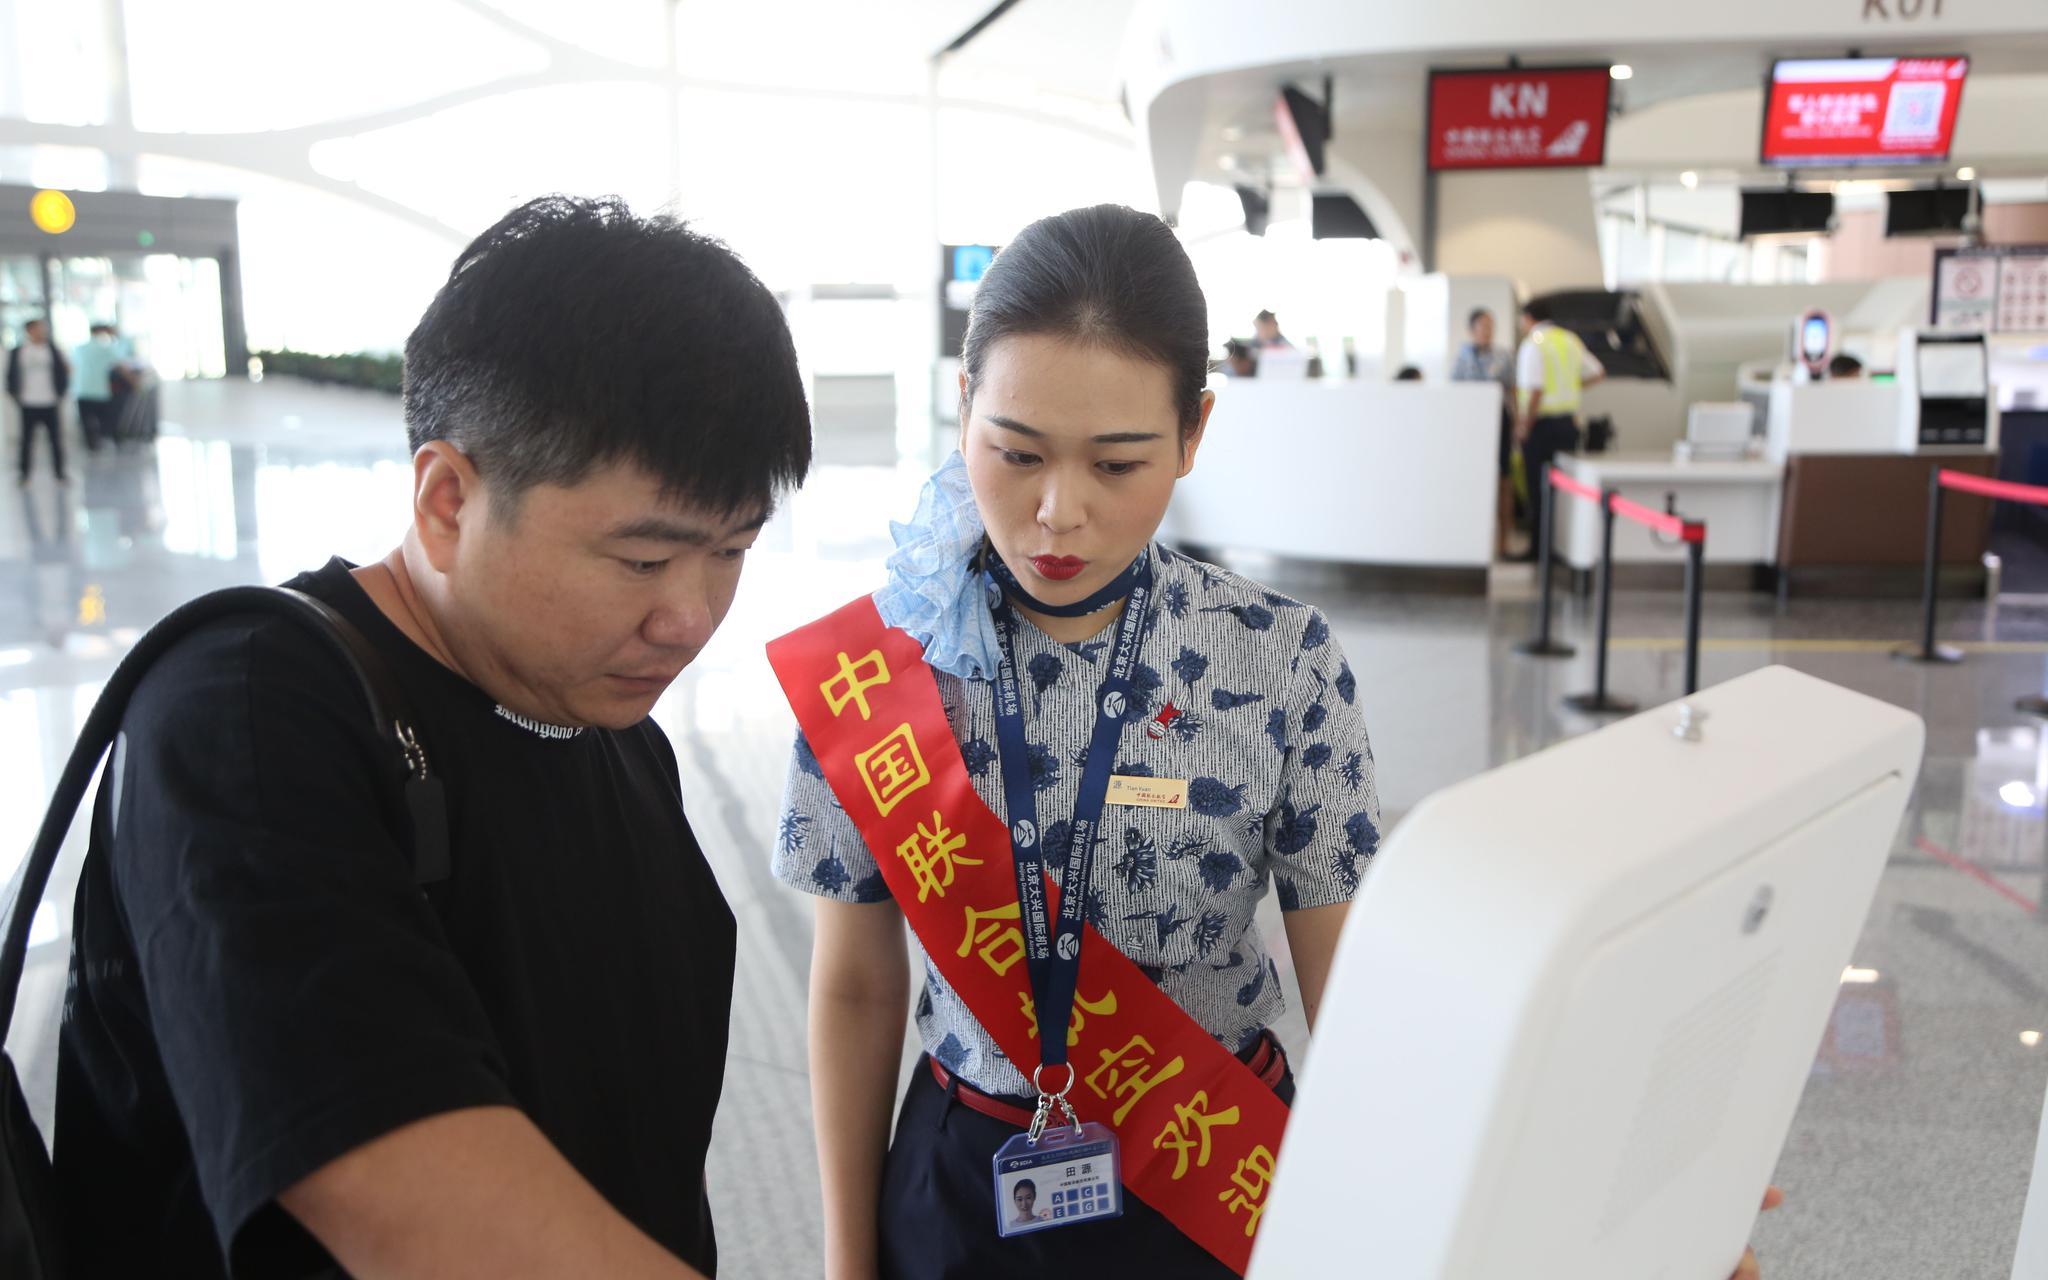 人民日报:且看香港激进势力如何裹挟民意